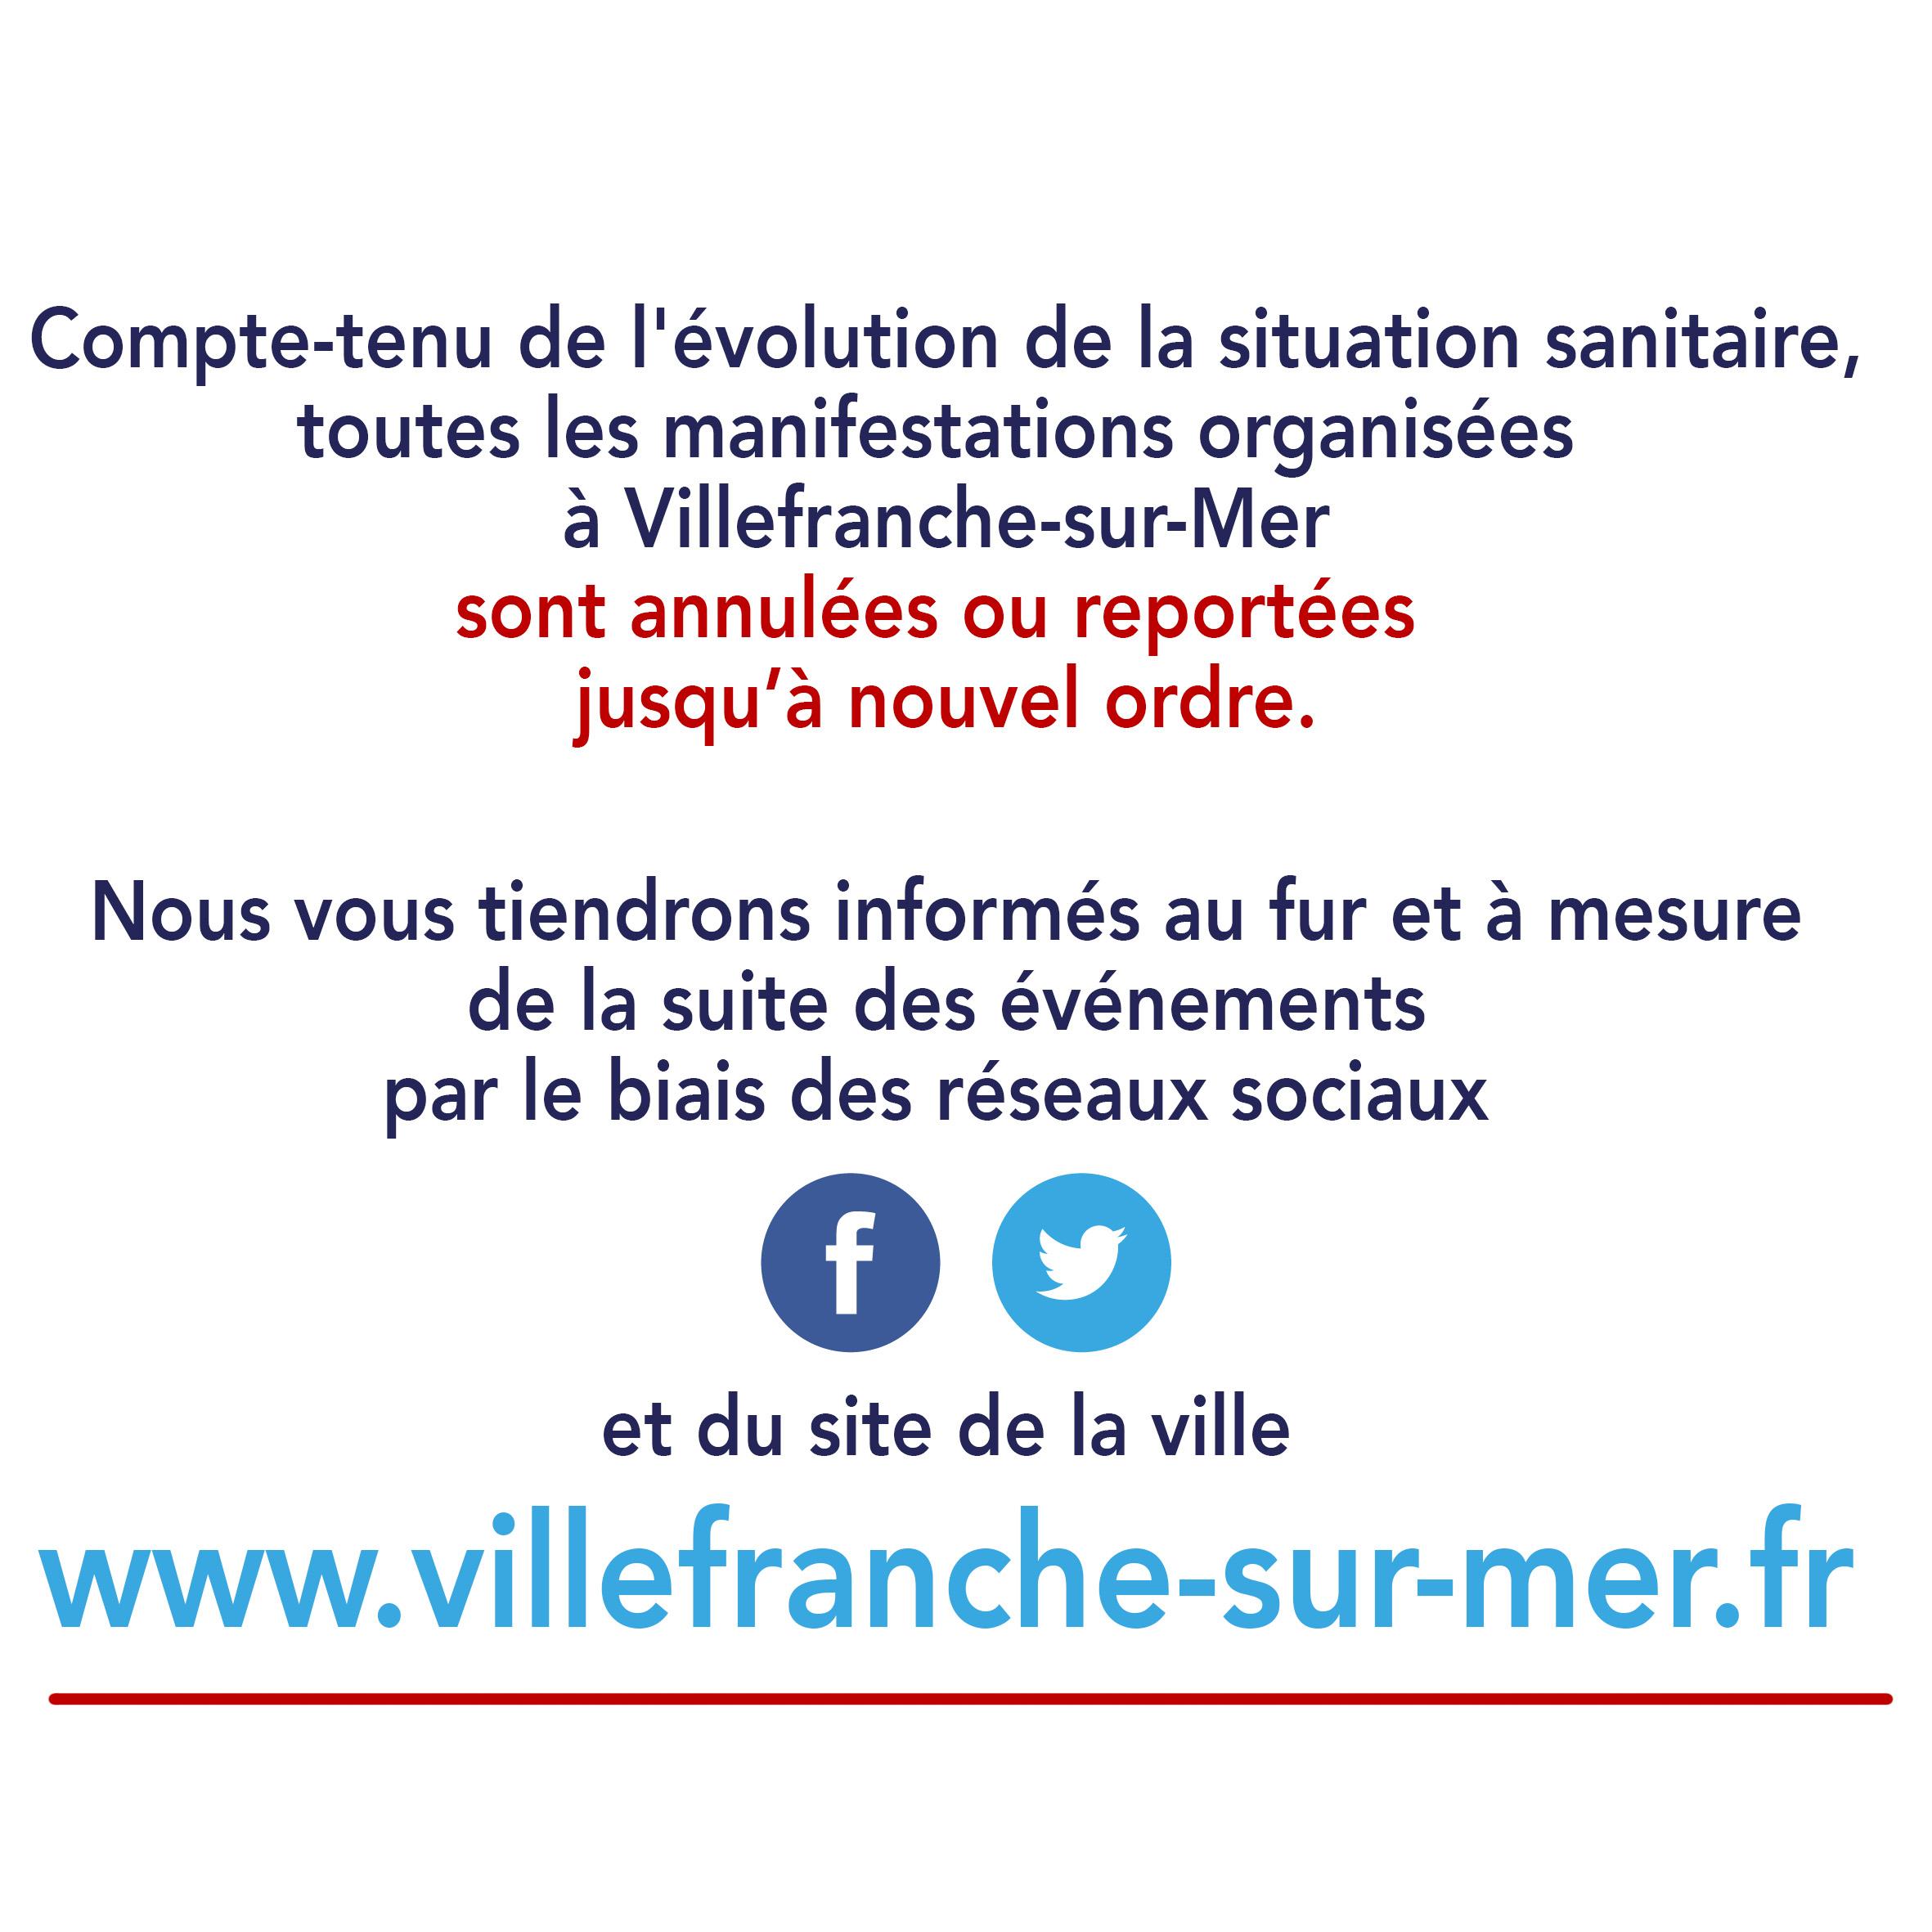 Annulation & Report de toutes les manifestations jusqu'à nouvel ordre